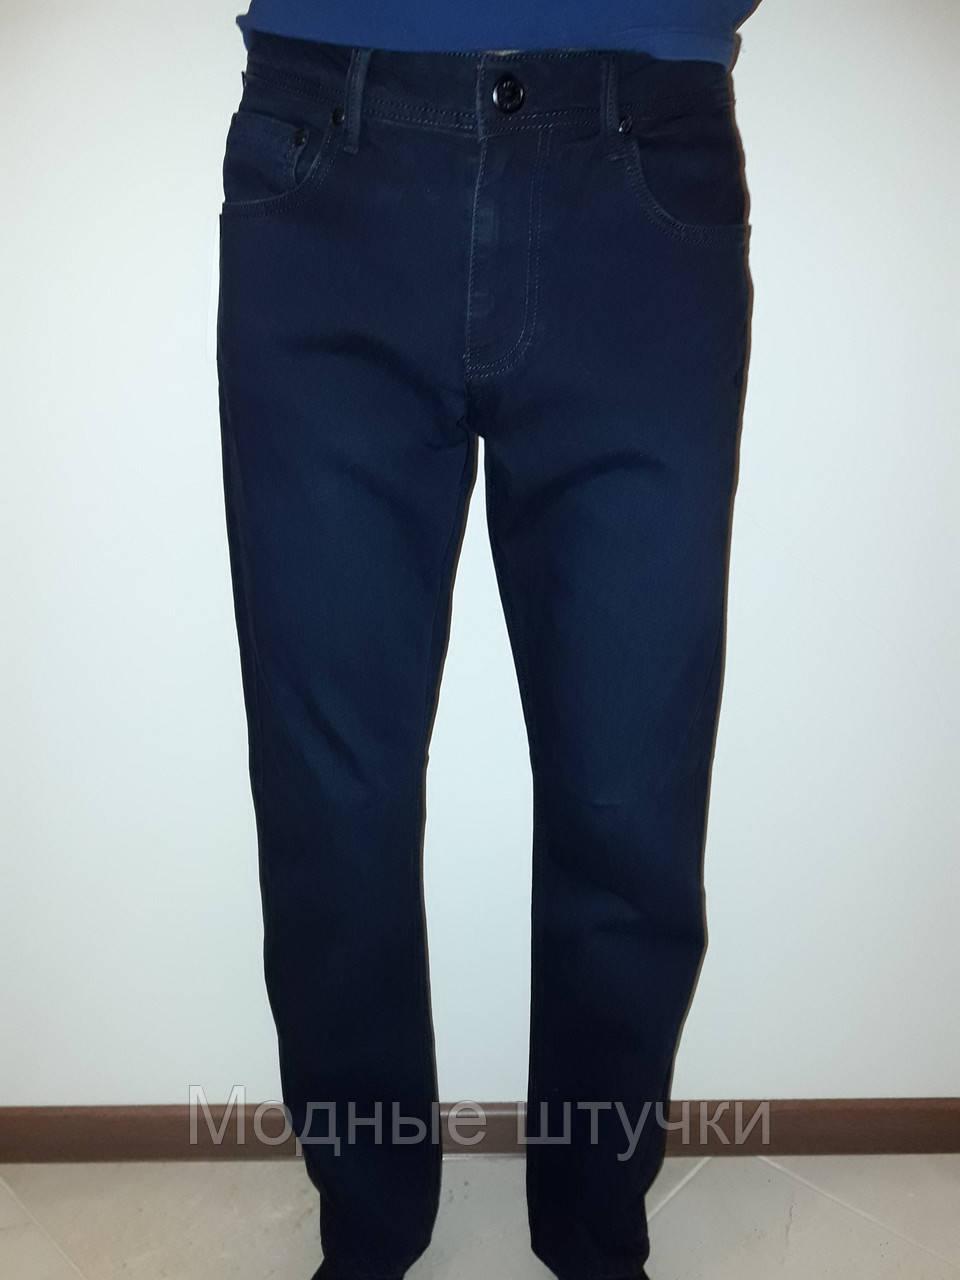 afcee85c91b Мужские темно-синие джинсы Турция 788 - Модные штучки в Николаеве